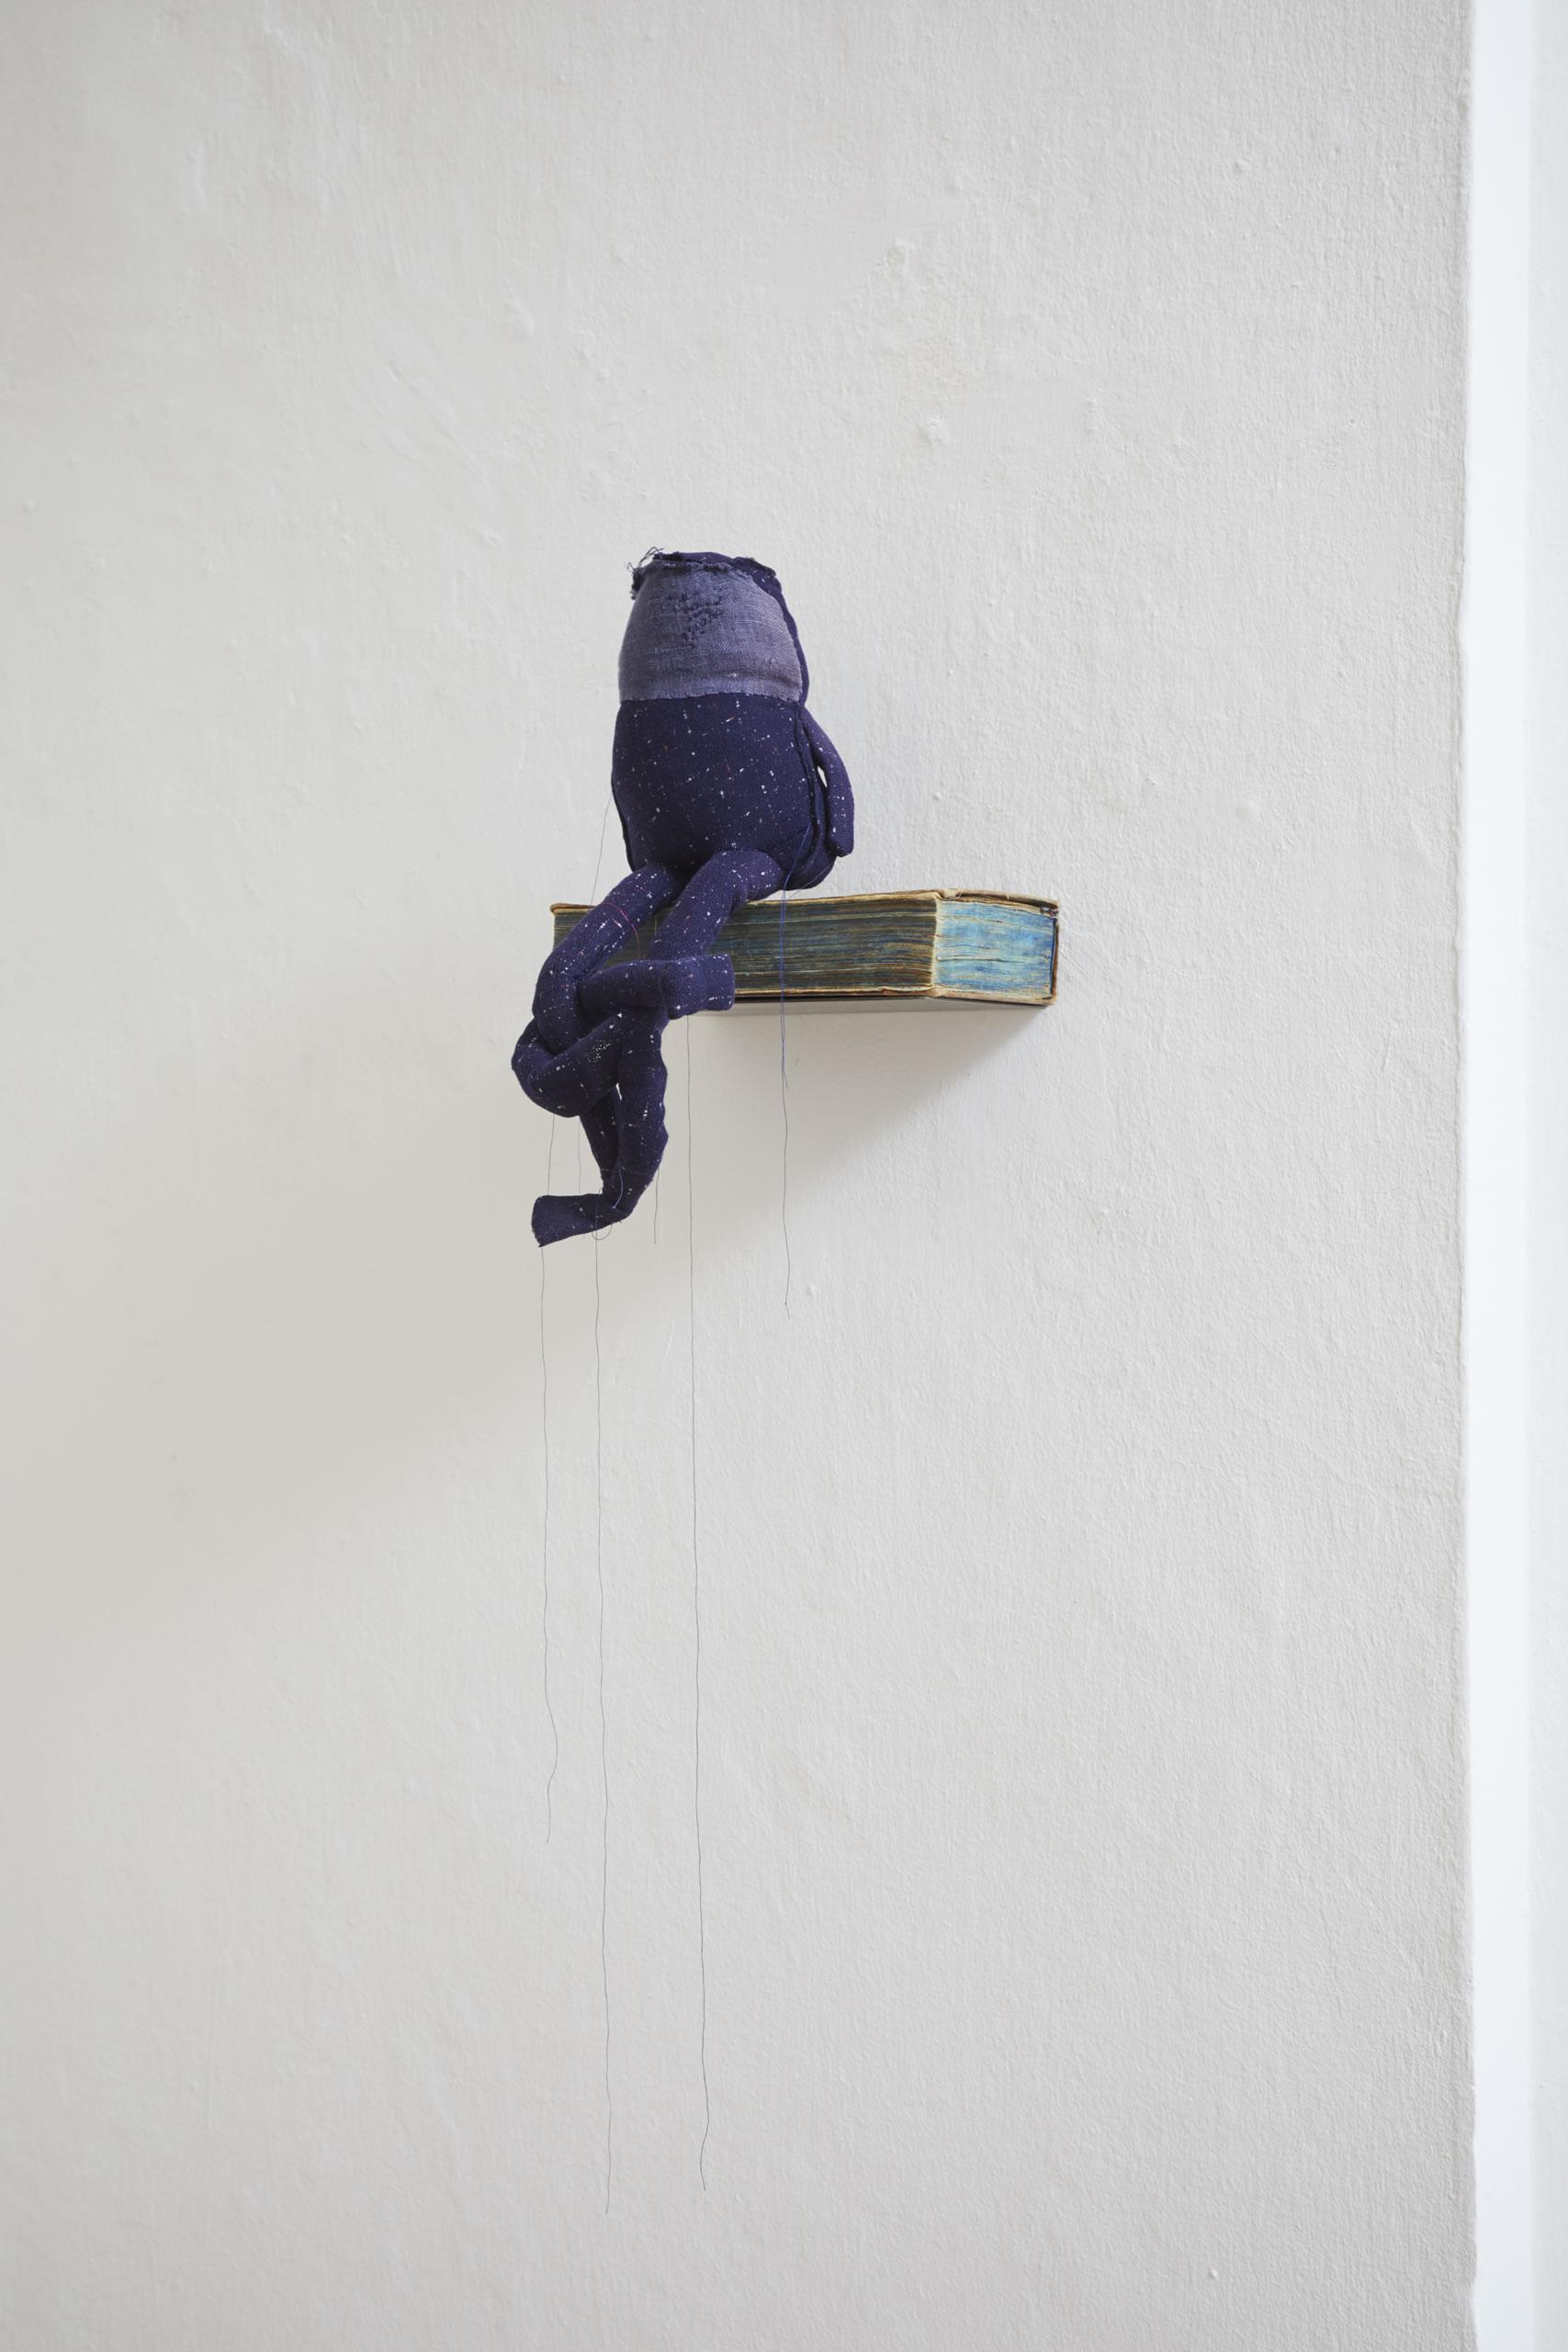 Andrea Vilhena | Wirtschaftskunde | 2019 | Textil | Buch | 39 x 23 x 31 cm | Foto Johannes Puch | Galerie3